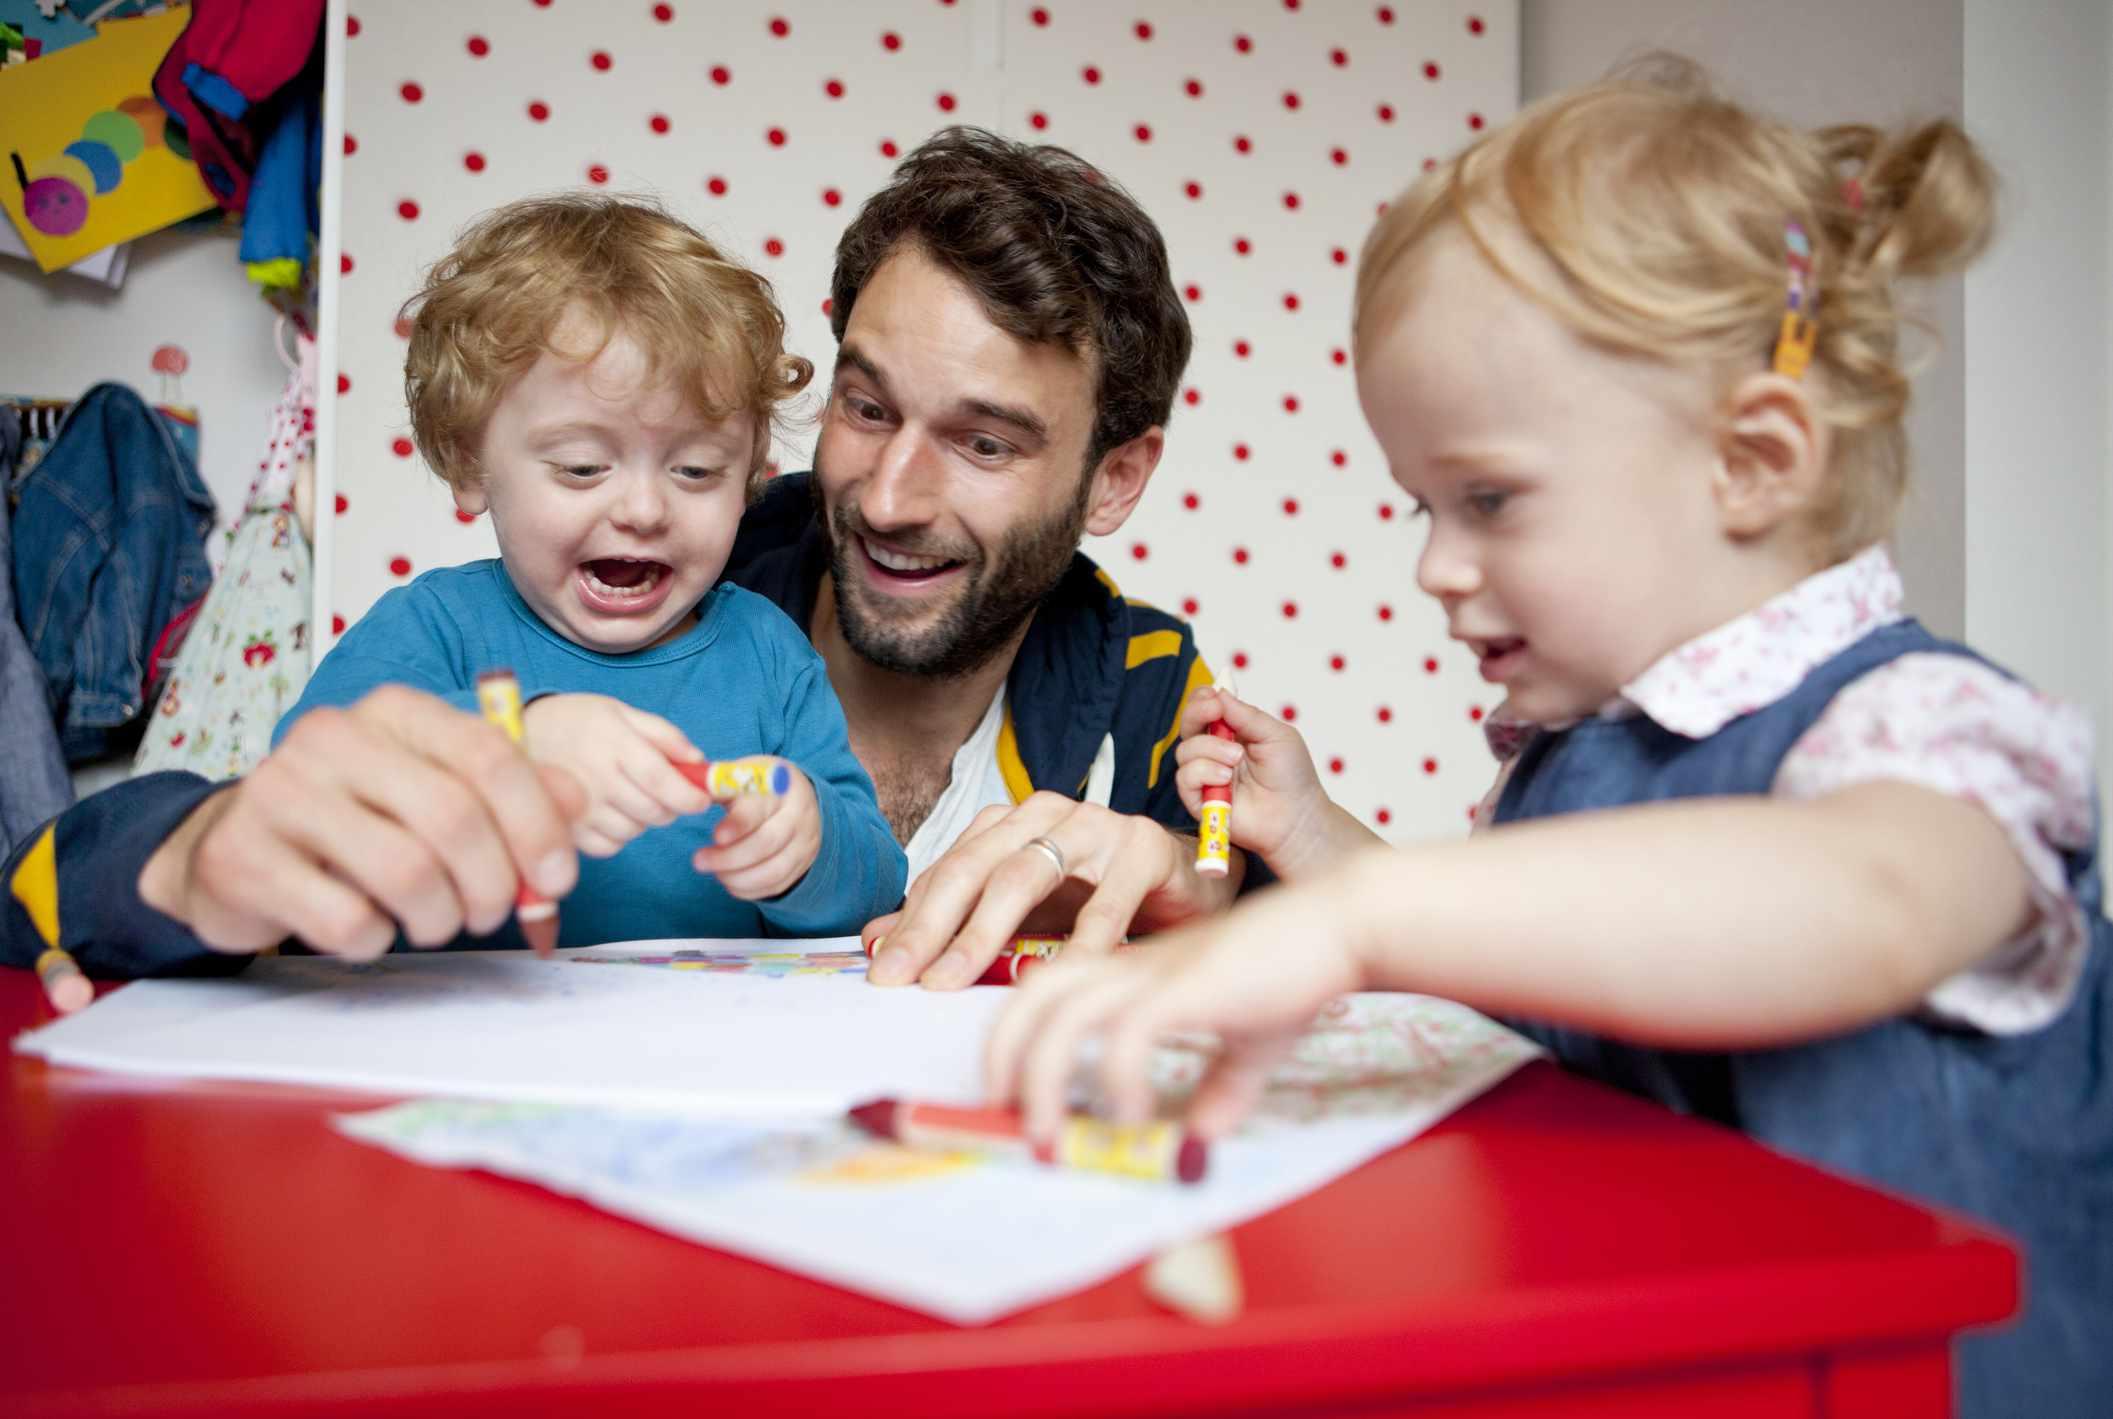 Kids using crayons